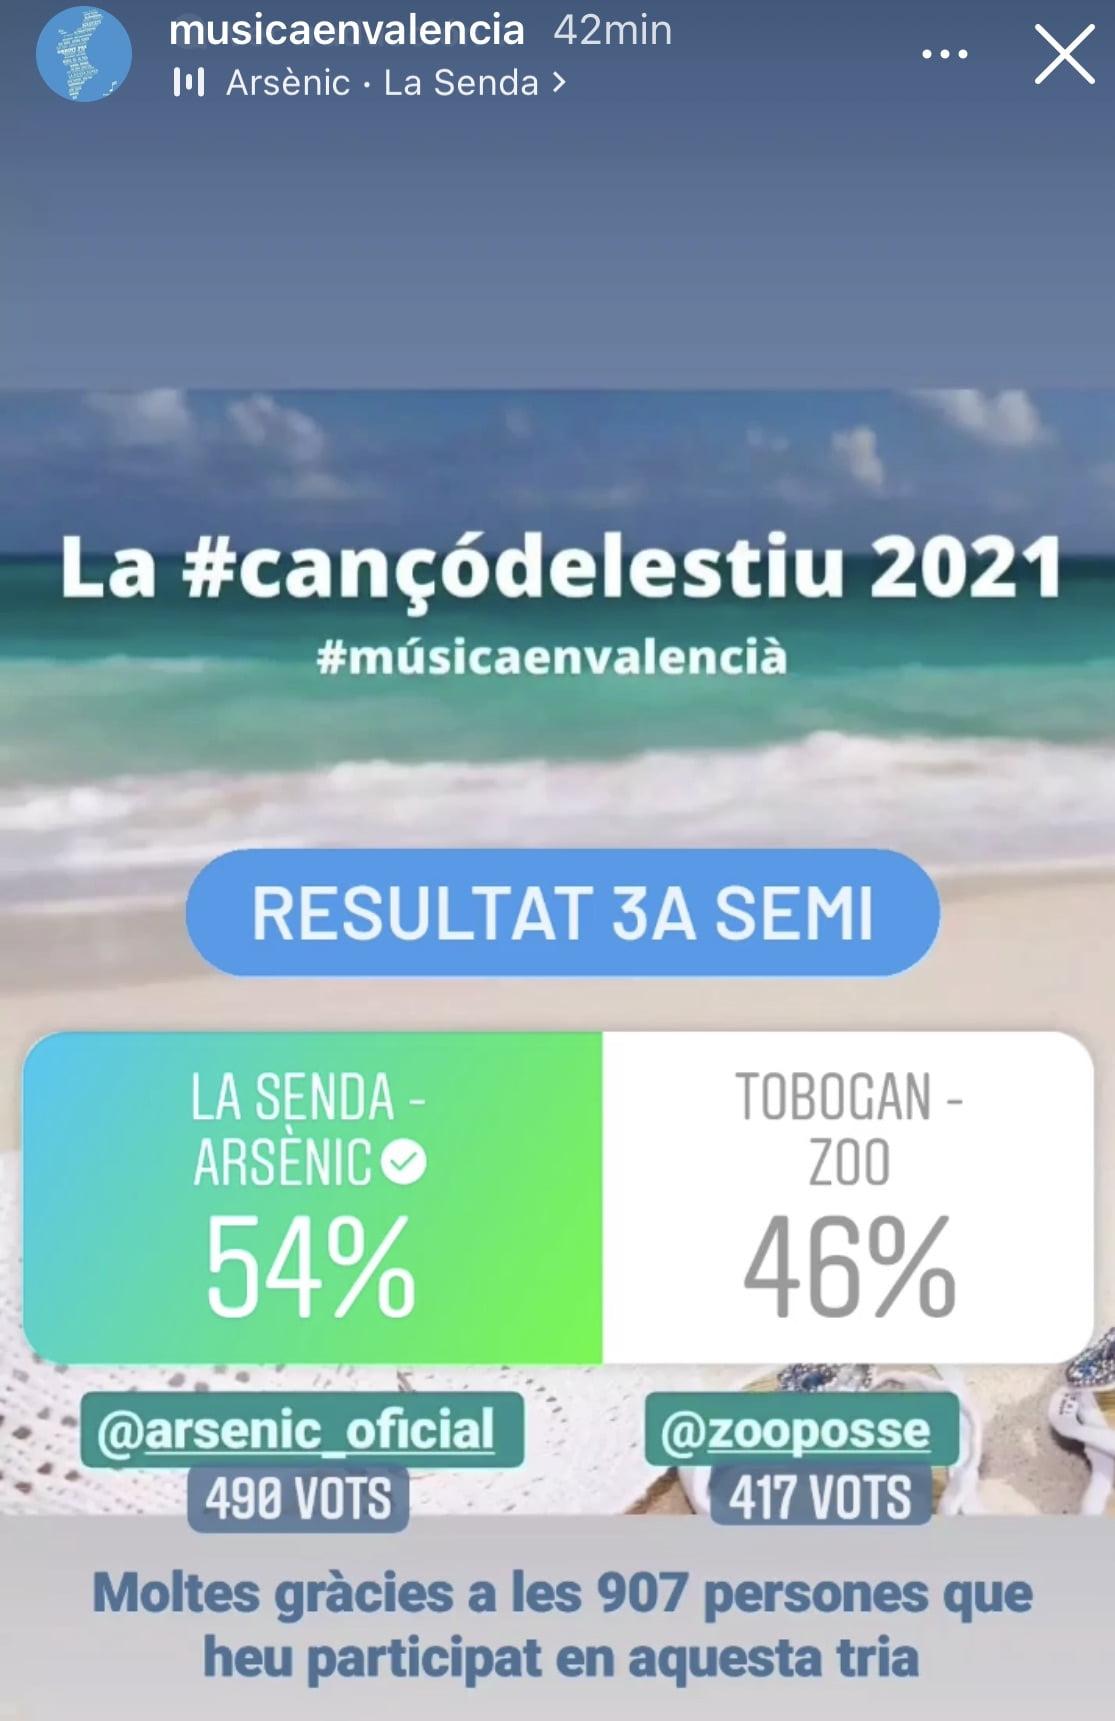 Resultado final de las votaciones para Arsènic